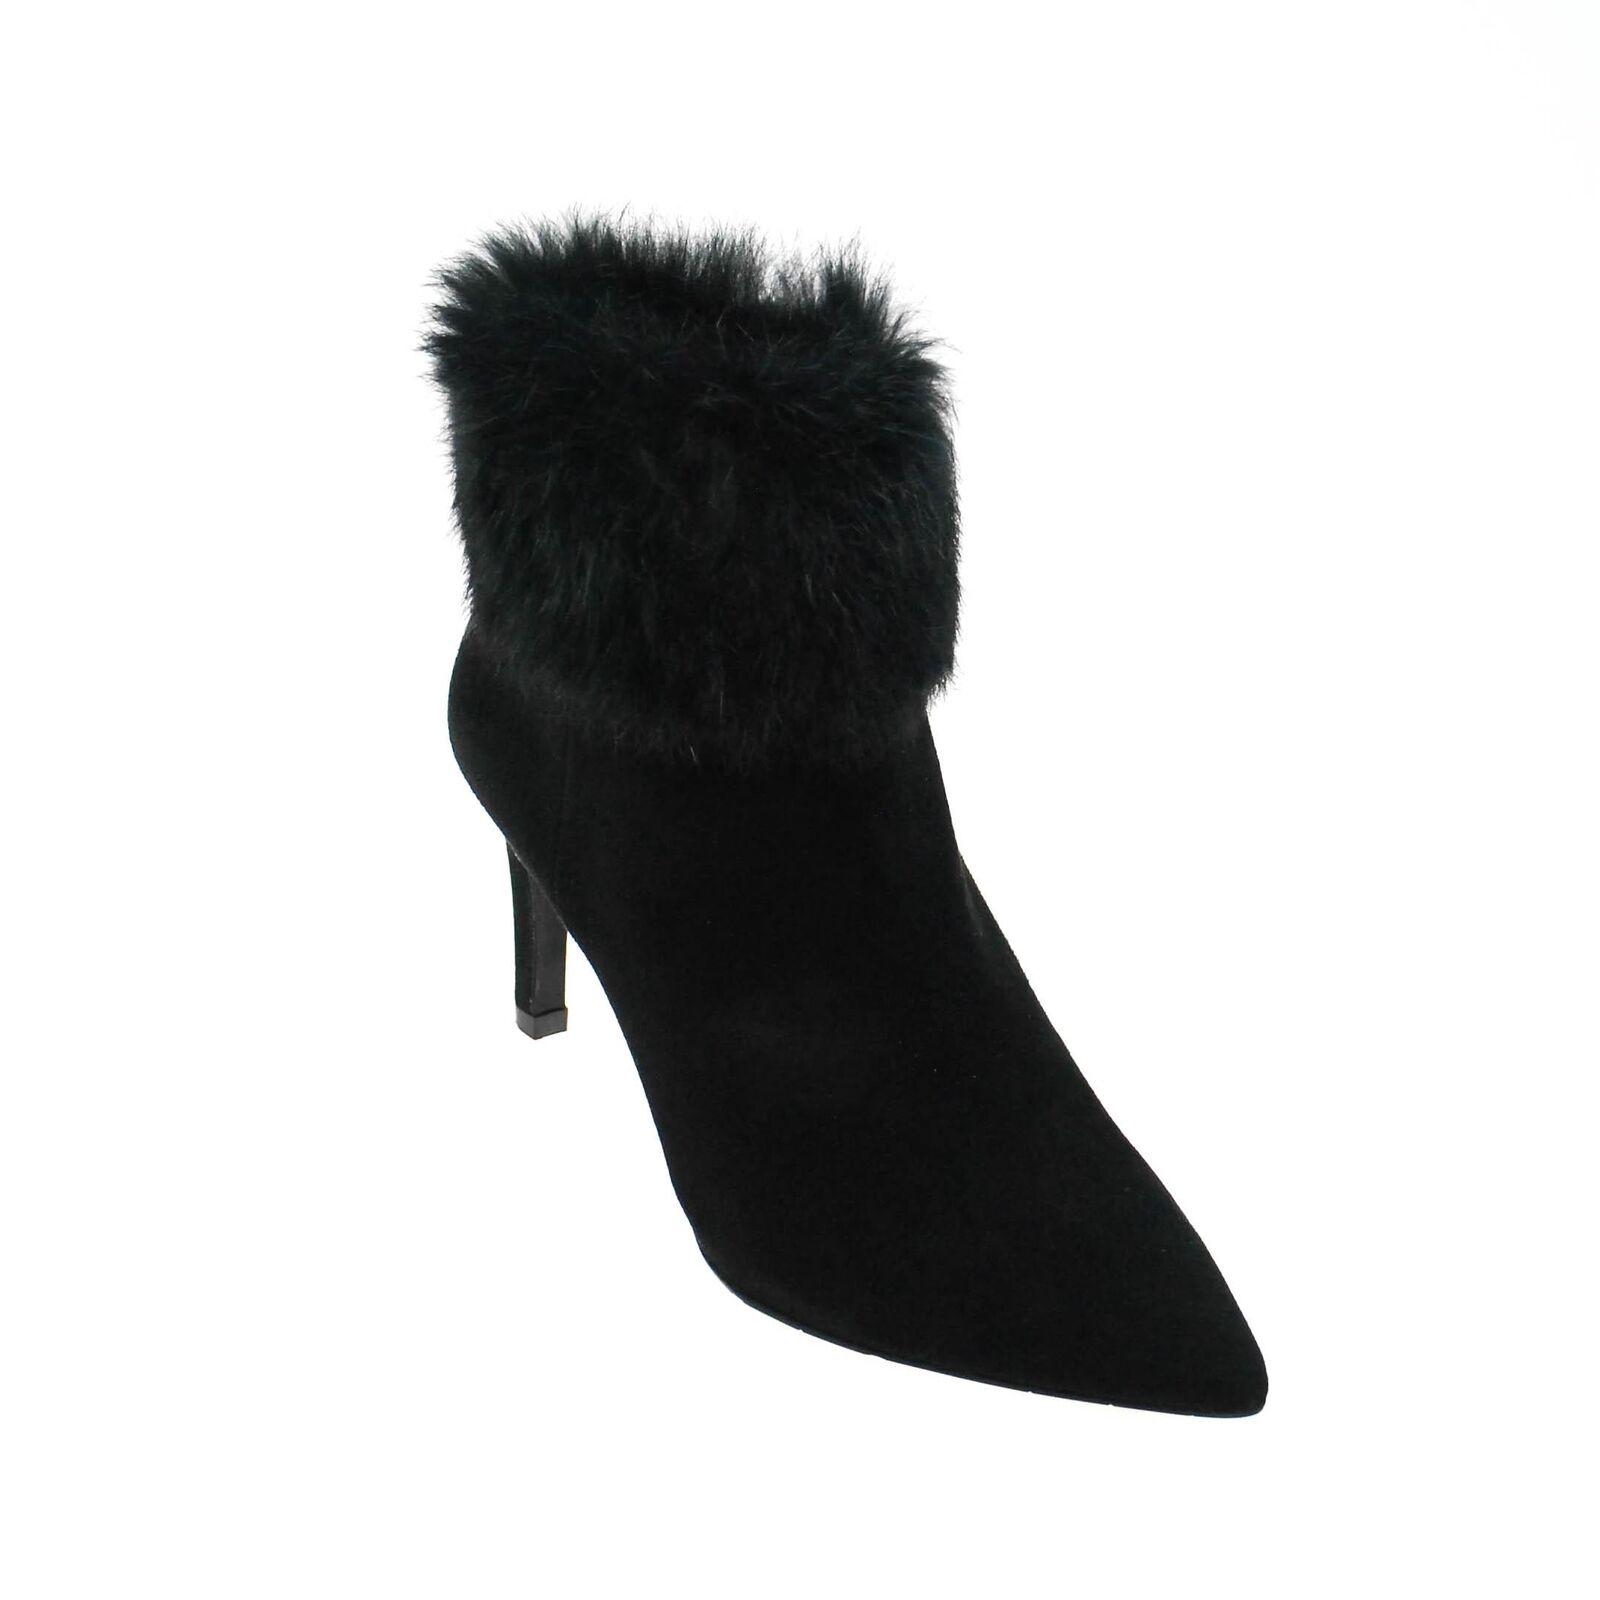 Grandes zapatos con descuento Perlato Damen Stiefelette Wildleder Schwarz mit Fellbesatz